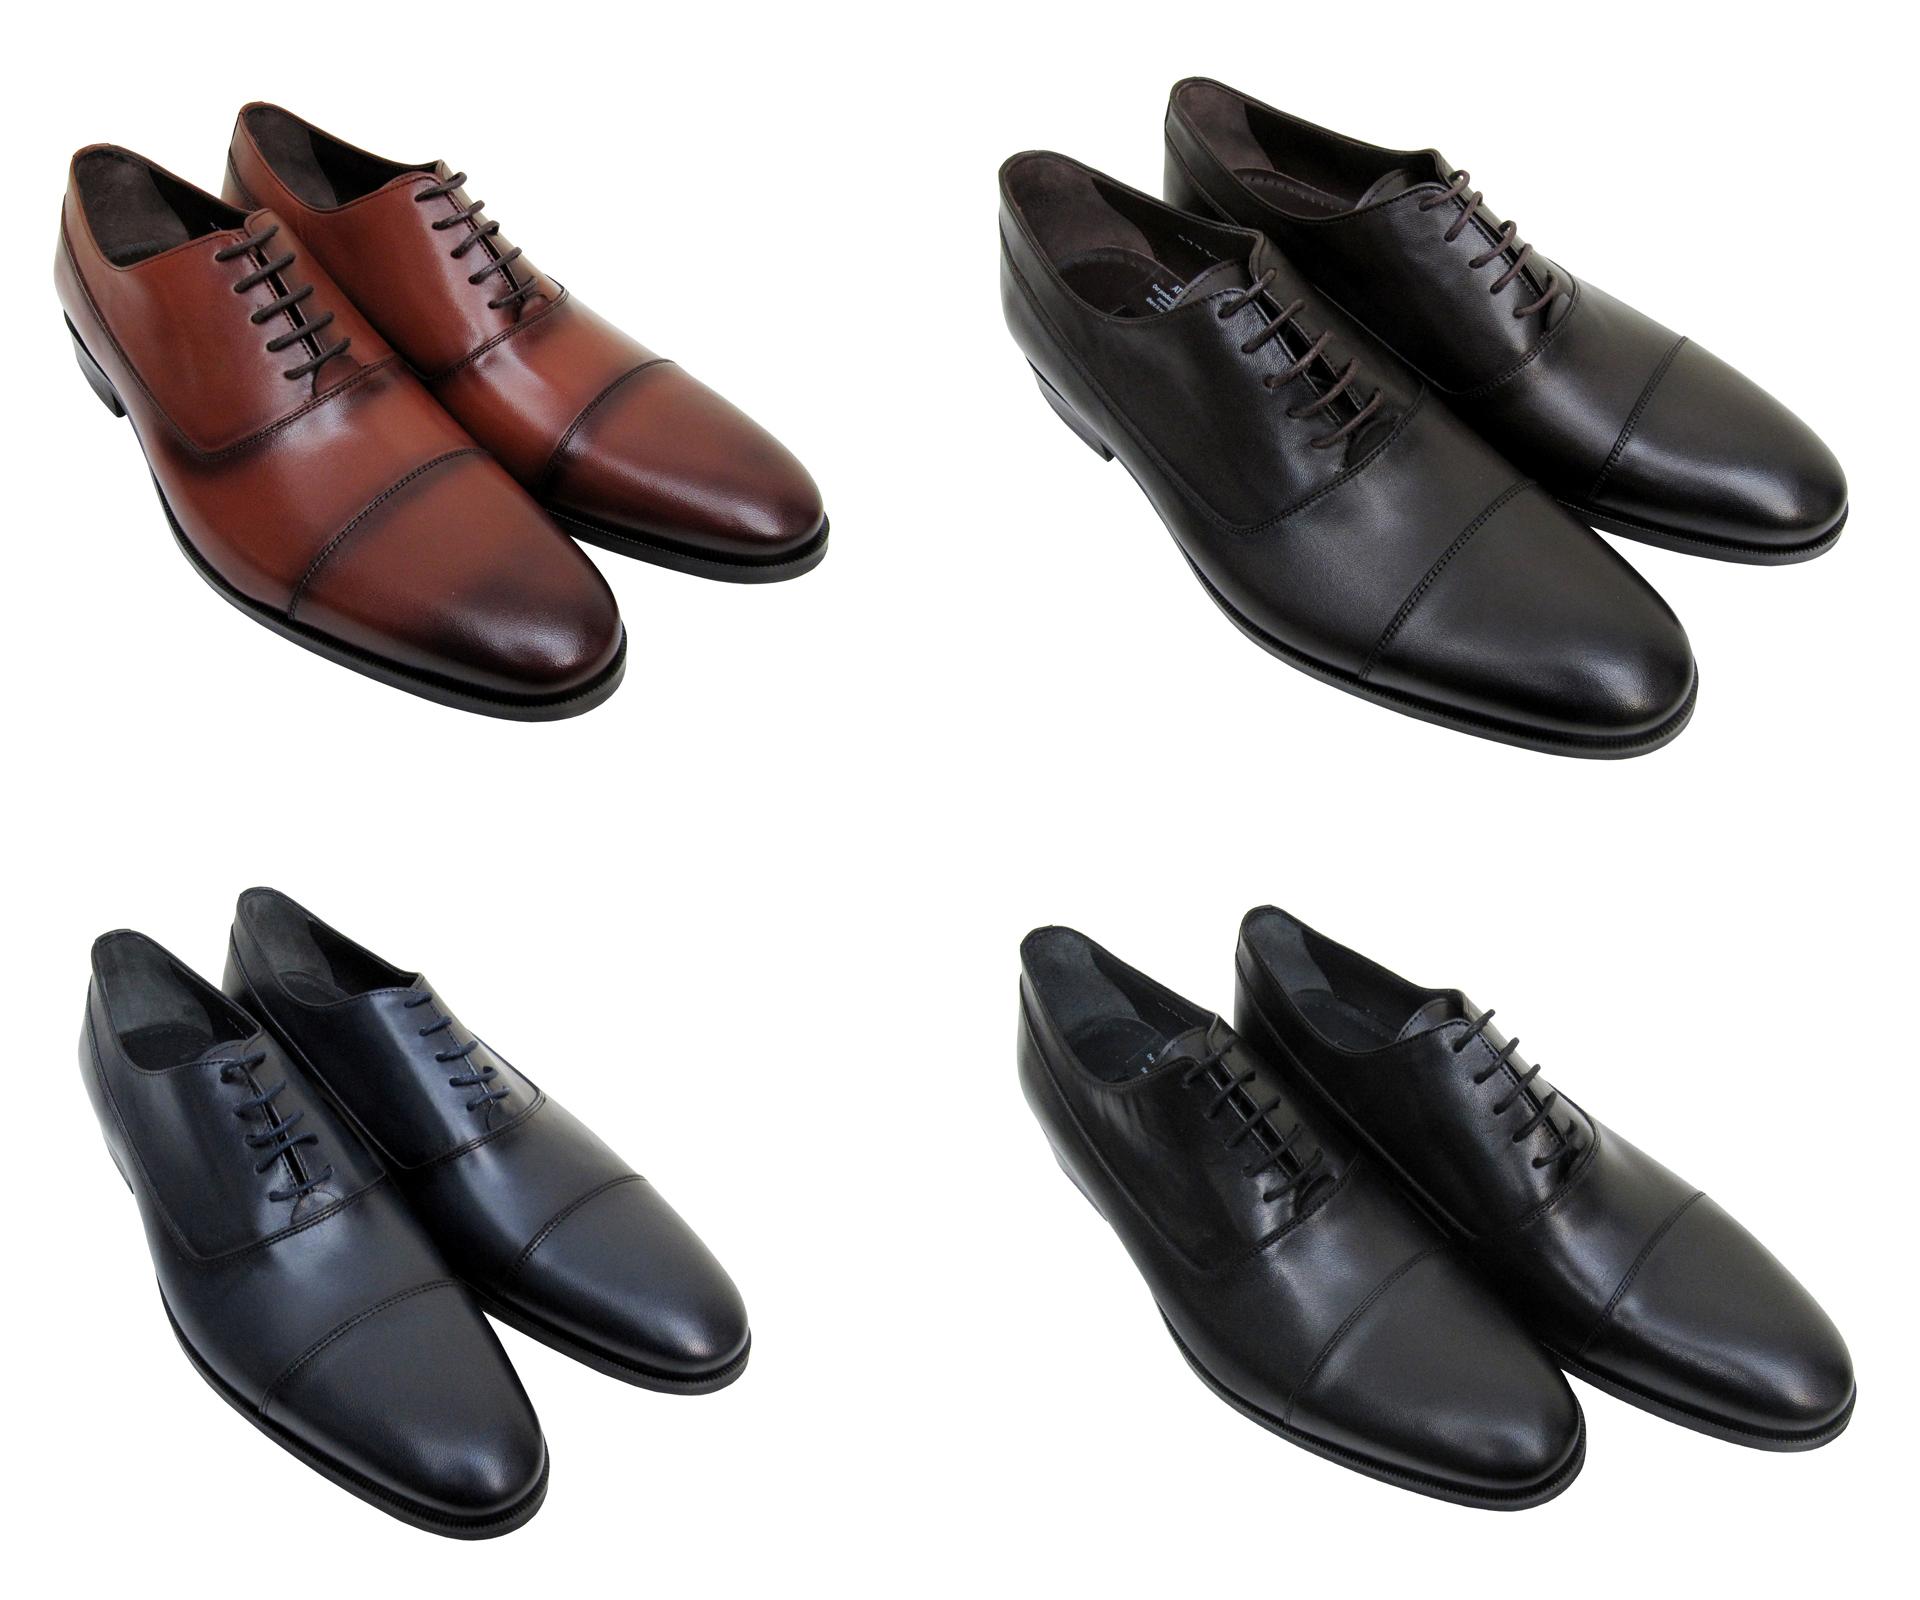 a38f79a9537b93 Elegante Herren Schuhe für viele Anlässe Schwarz